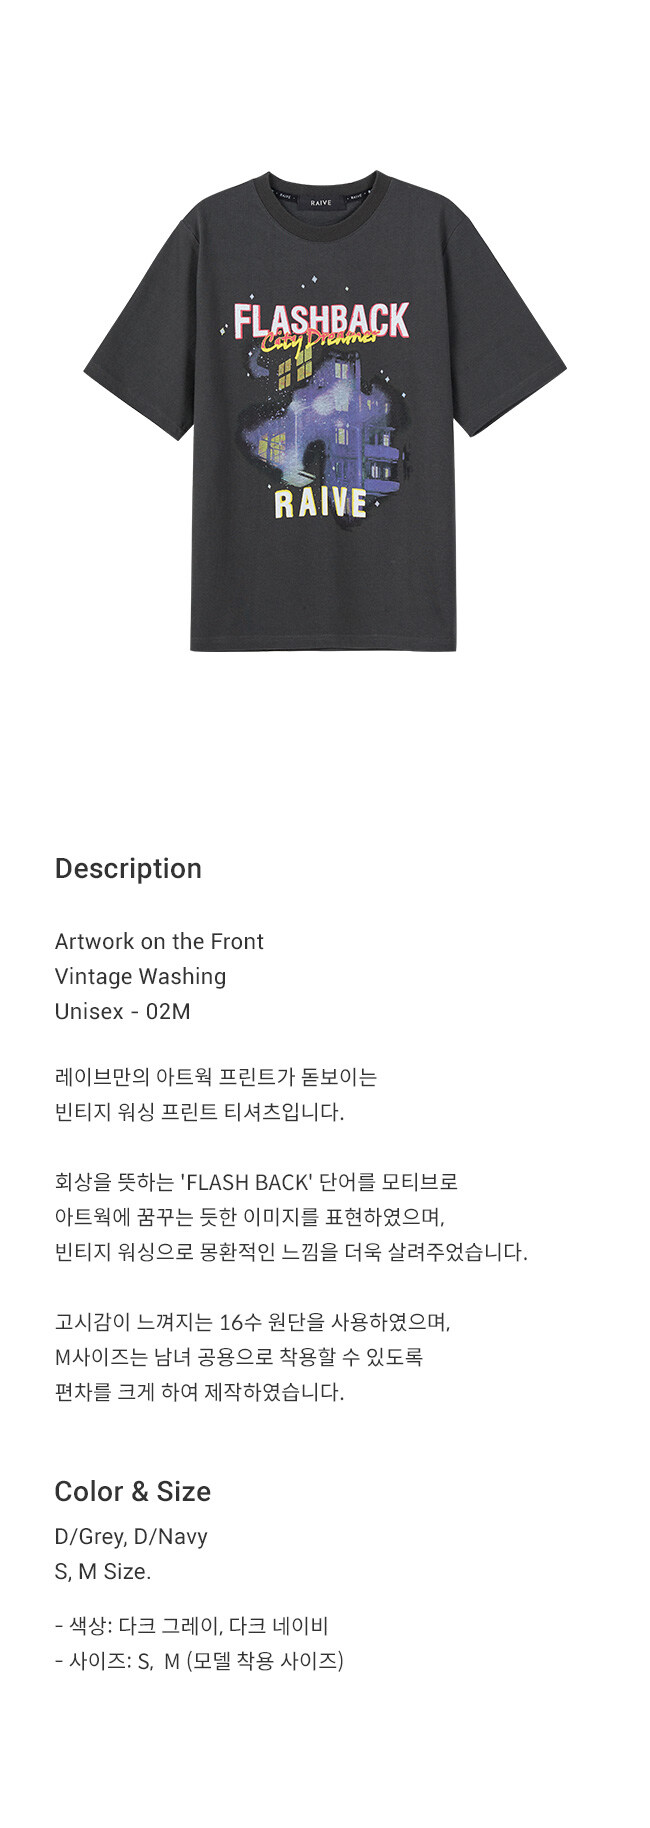 레이브(RAIVE) Vintage Washing Print Tee (2 Color)_VW0SE0950